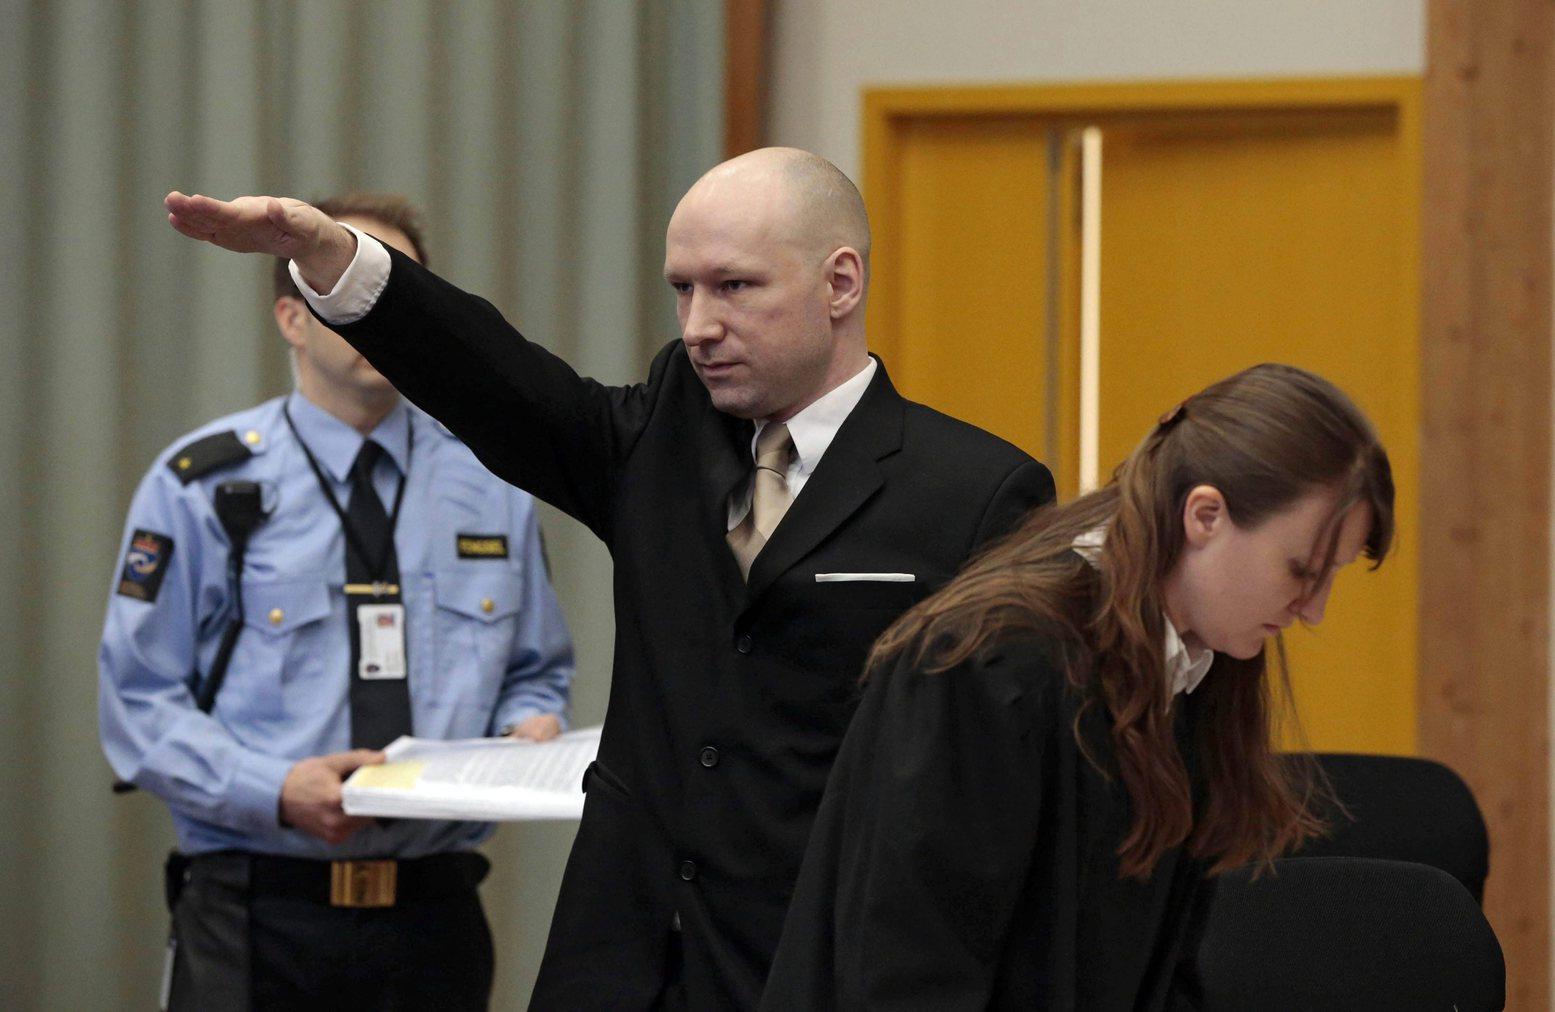 A 2011. július 22-i norvégiai terrortámadások miatt huszonegy éves börtönbüntetését töltő Anders Behring Breivik náci köszöntésre lendíti karját a skieni börtön bírósági tárgyalótermébe érkezve 2016. március 15-én. A hetvenhét embert lemészároló Breivik az emberi jogainak megsértése miatt indított pert a norvég állam ellen, és most tartják az első tárgyalást. (MTI/EPA/Lise Aserud)